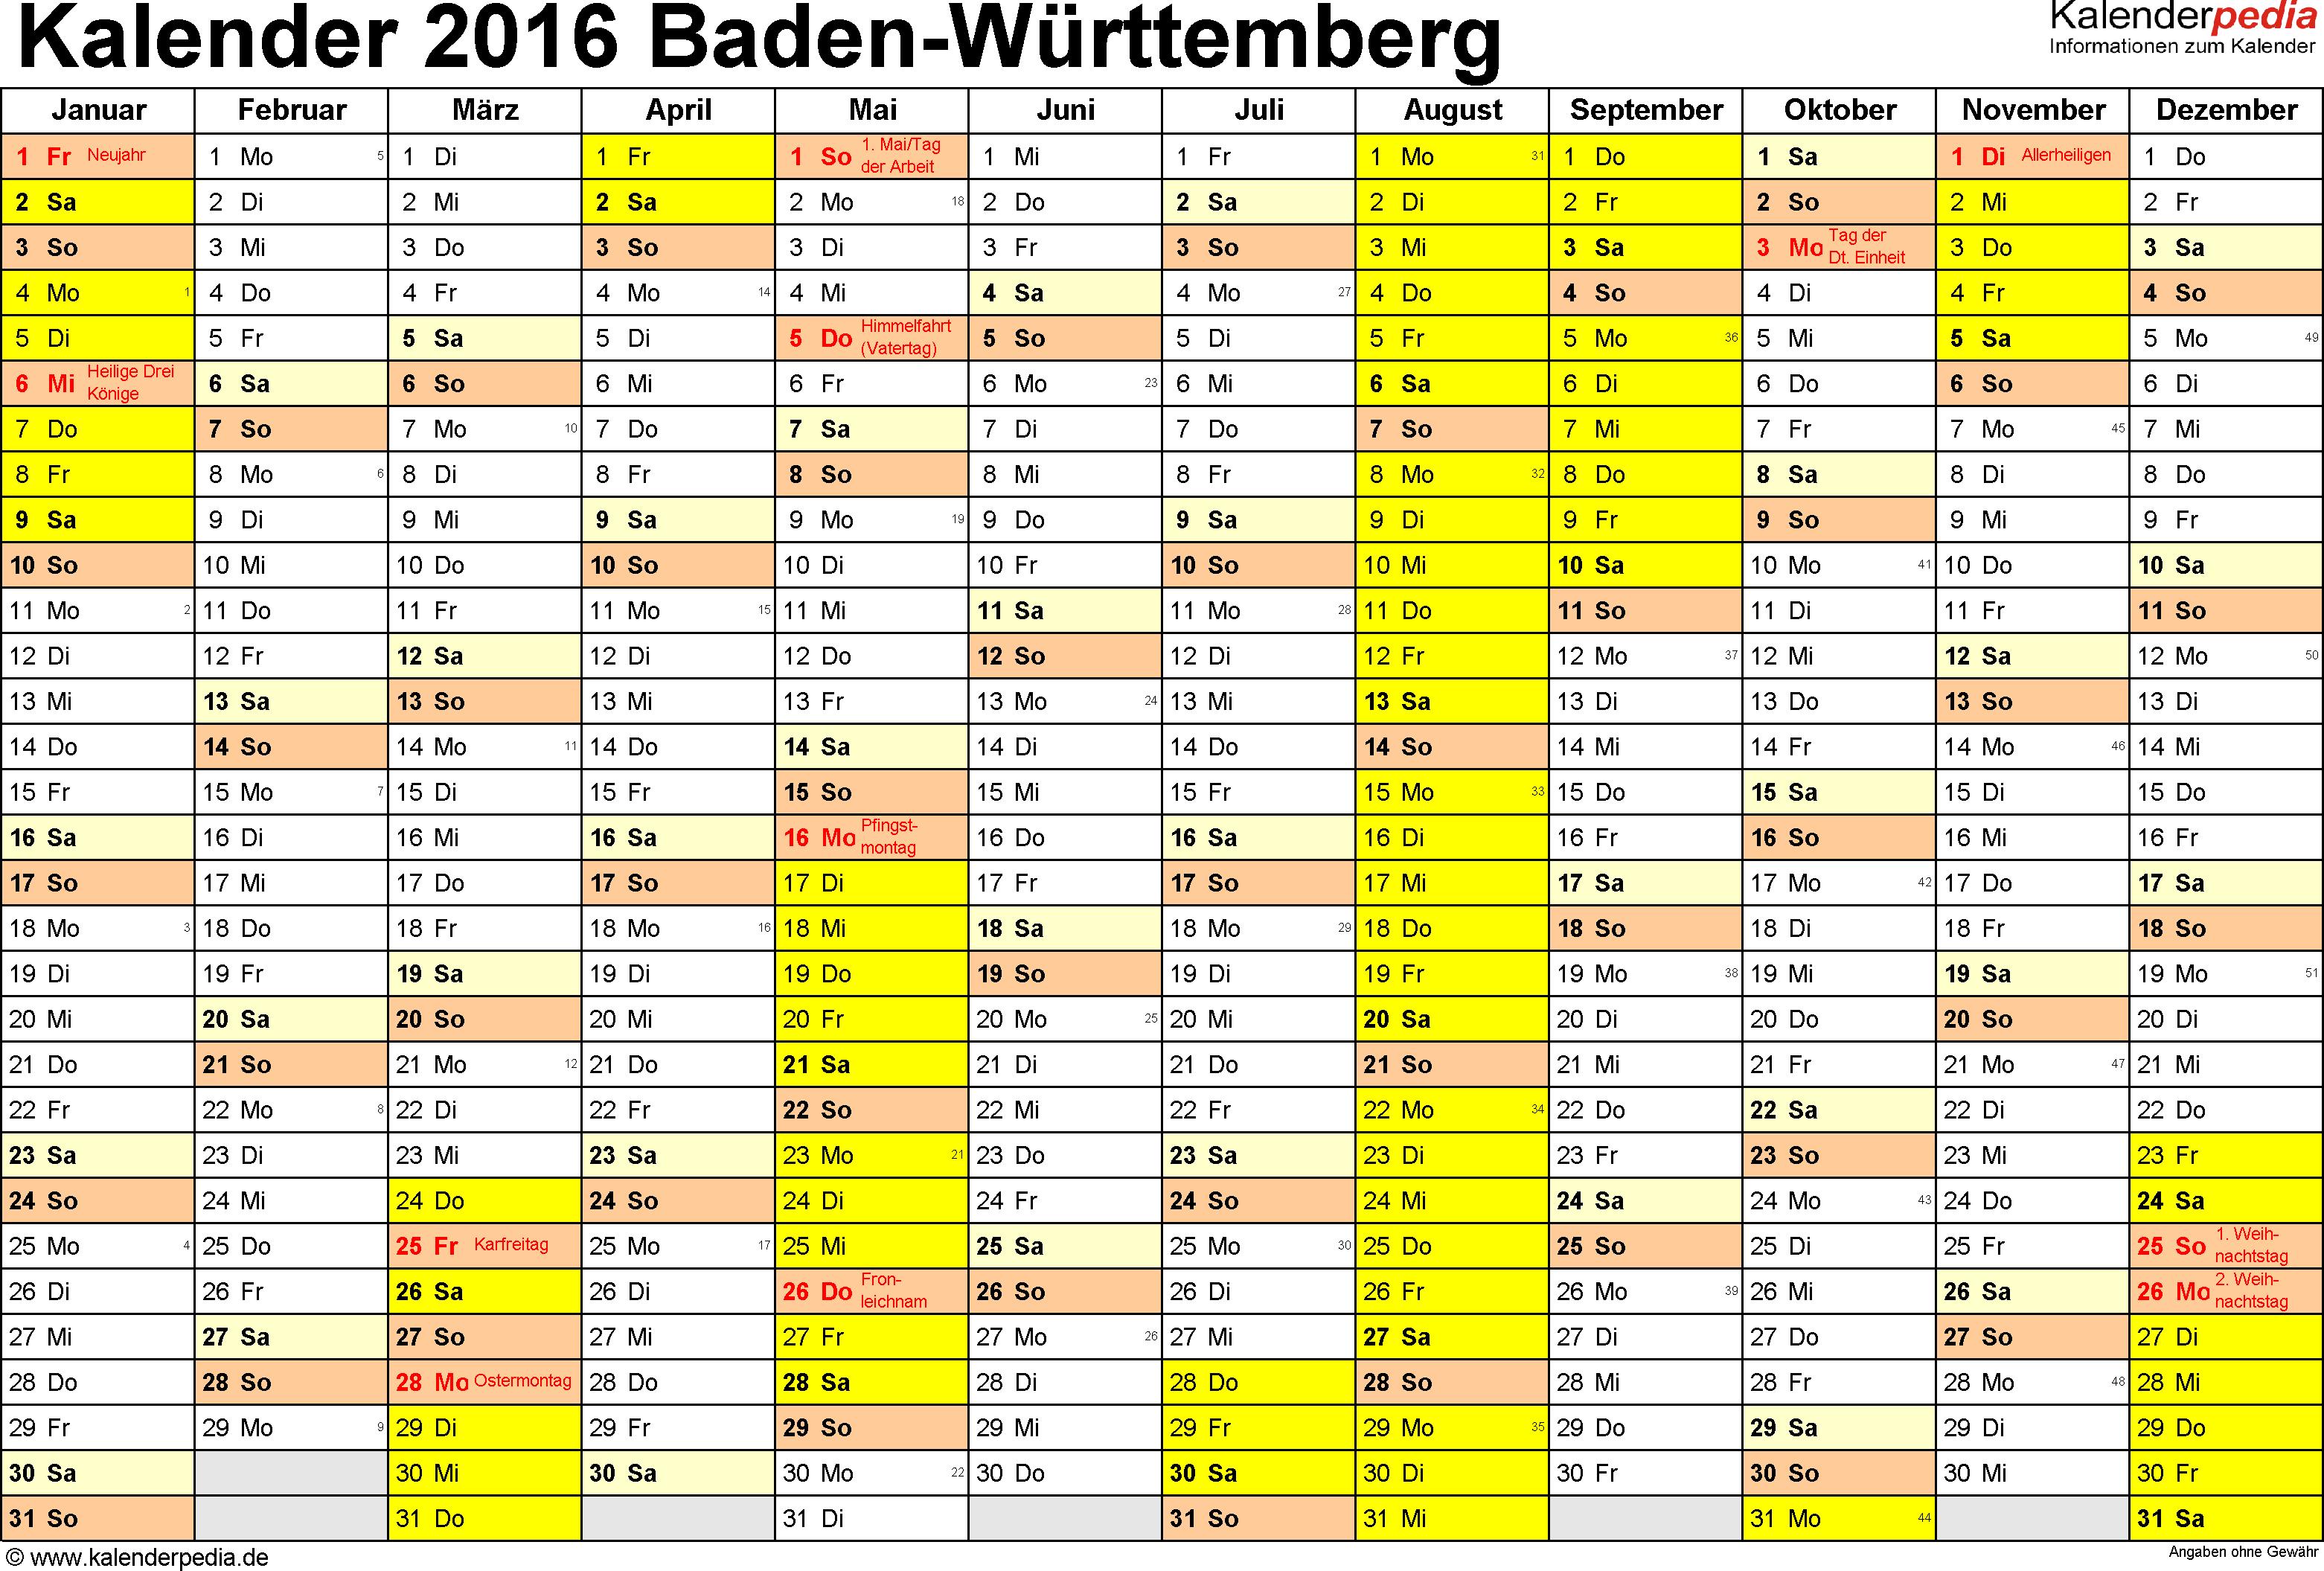 Vorlage 1: Kalender 2016 für Baden-Württemberg als Excel-Vorlage (Querformat, 1 Seite)